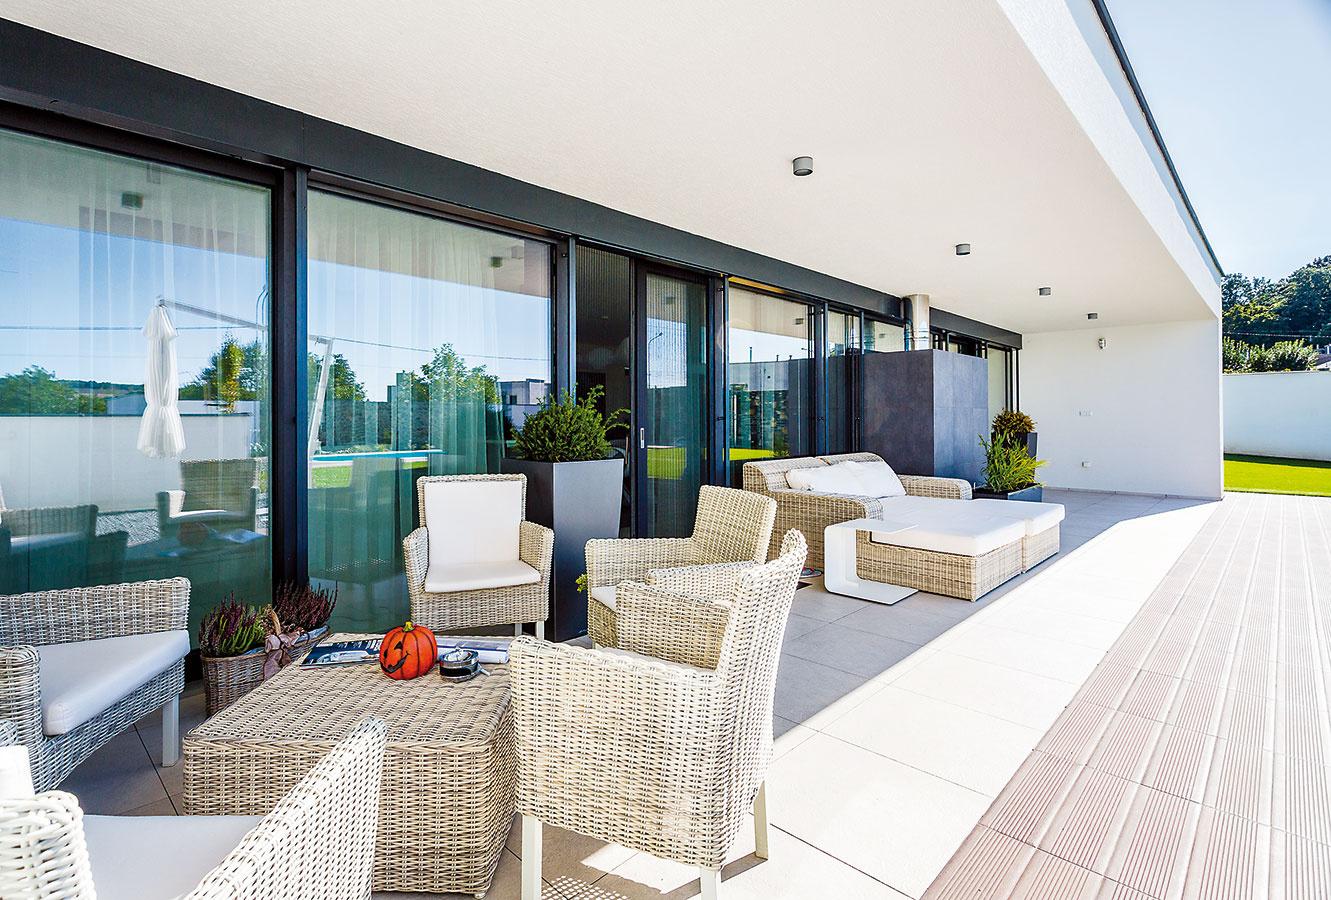 Drevohliníkové okenné rámy šikovne spájajú prednosti dvoch materiálov – hliník zvonkajšej strany zaisťuje odolnosť proti poveternostným vplyvom amechanickému poškodeniu, drevo príjemne dotvára interiér, plní nosnú funkciu azabezpečuje tepelnotechnické parametre.